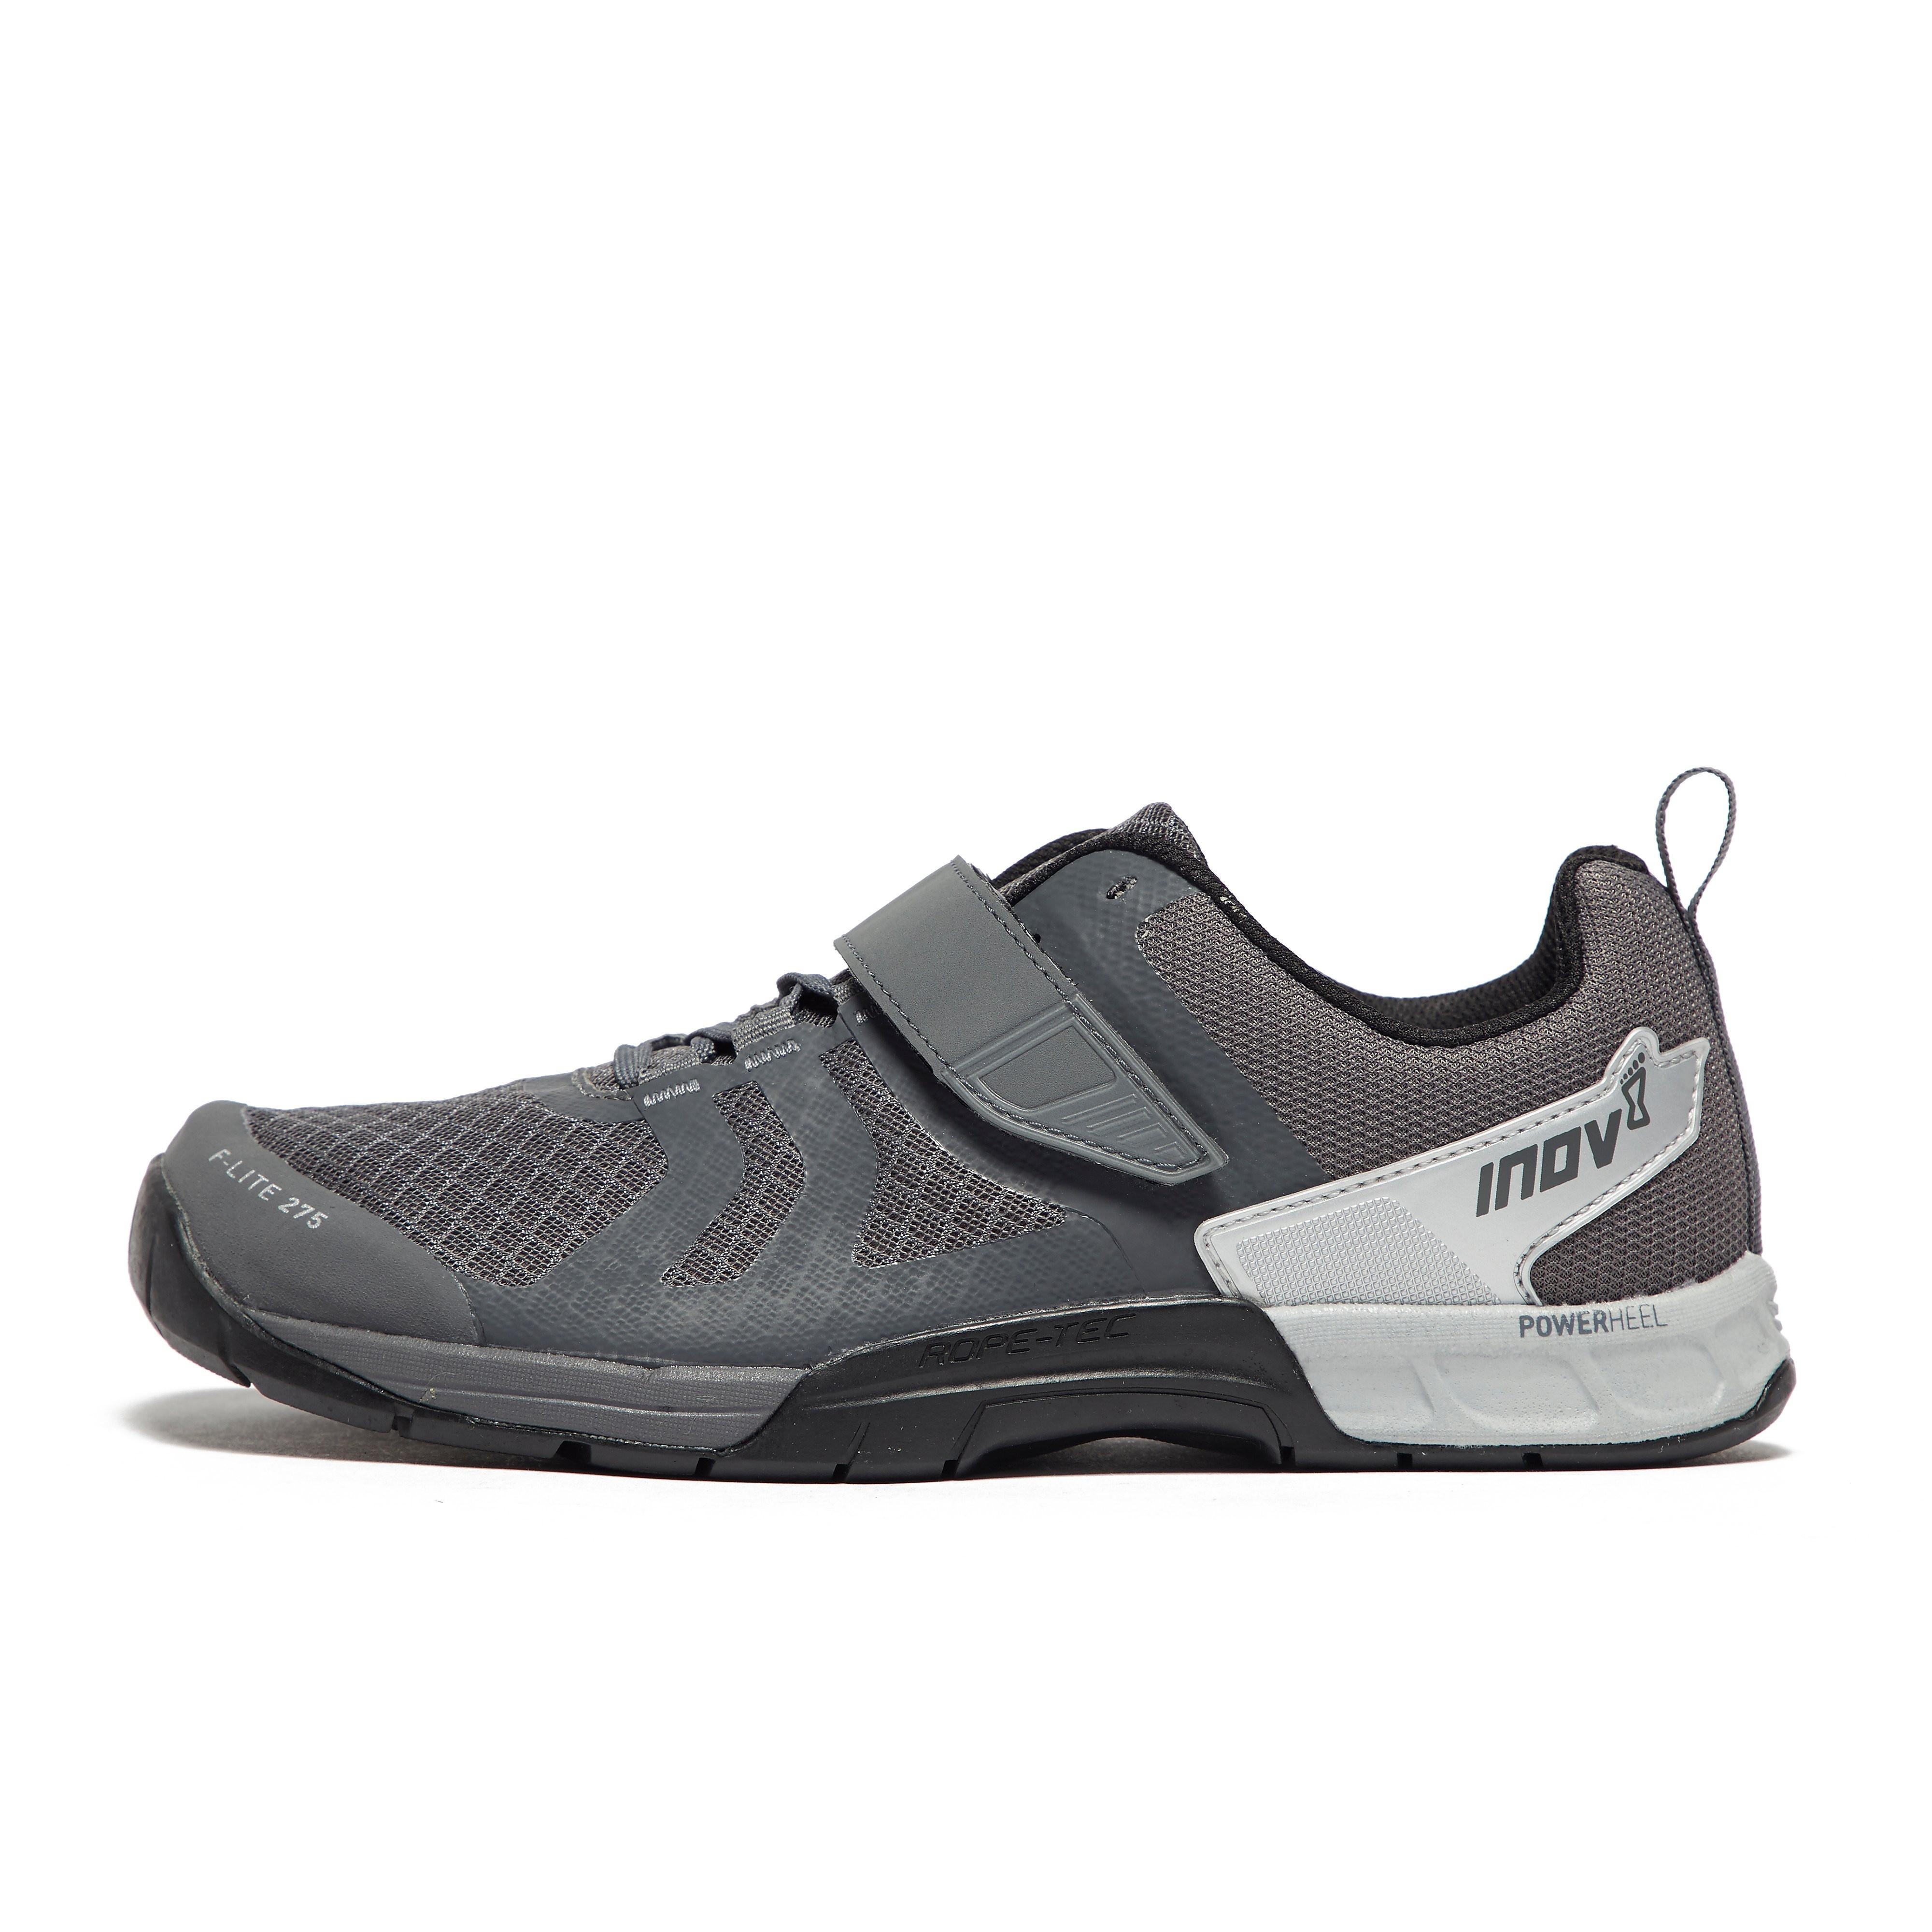 Inov-8 F-LITE 275 Women's Training Shoes